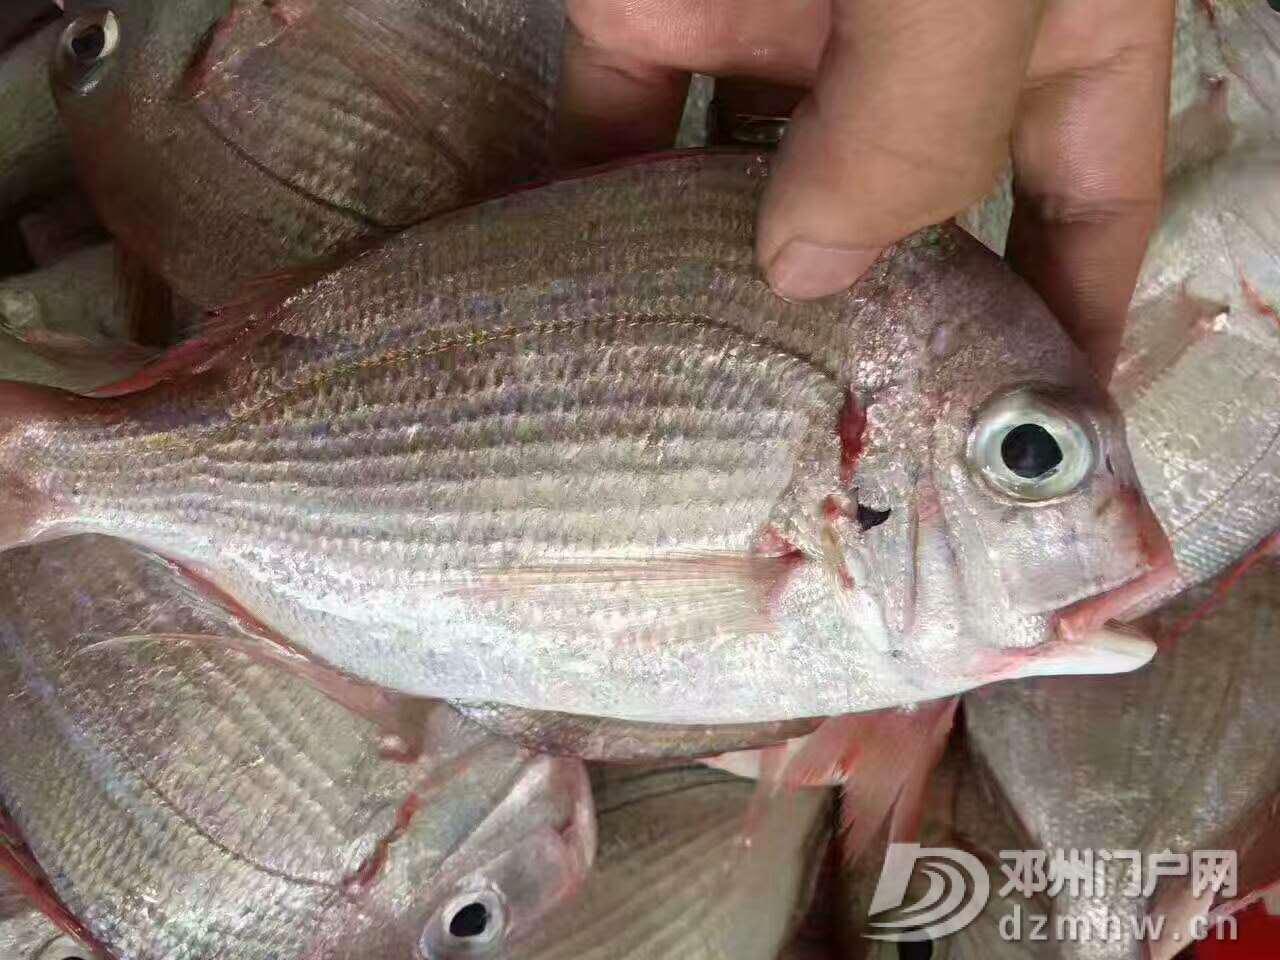 出售野生海鲜,各种天然鱼虾蟹都有 - 邓州门户网|邓州网 - 微信图片_20170618223841.jpg